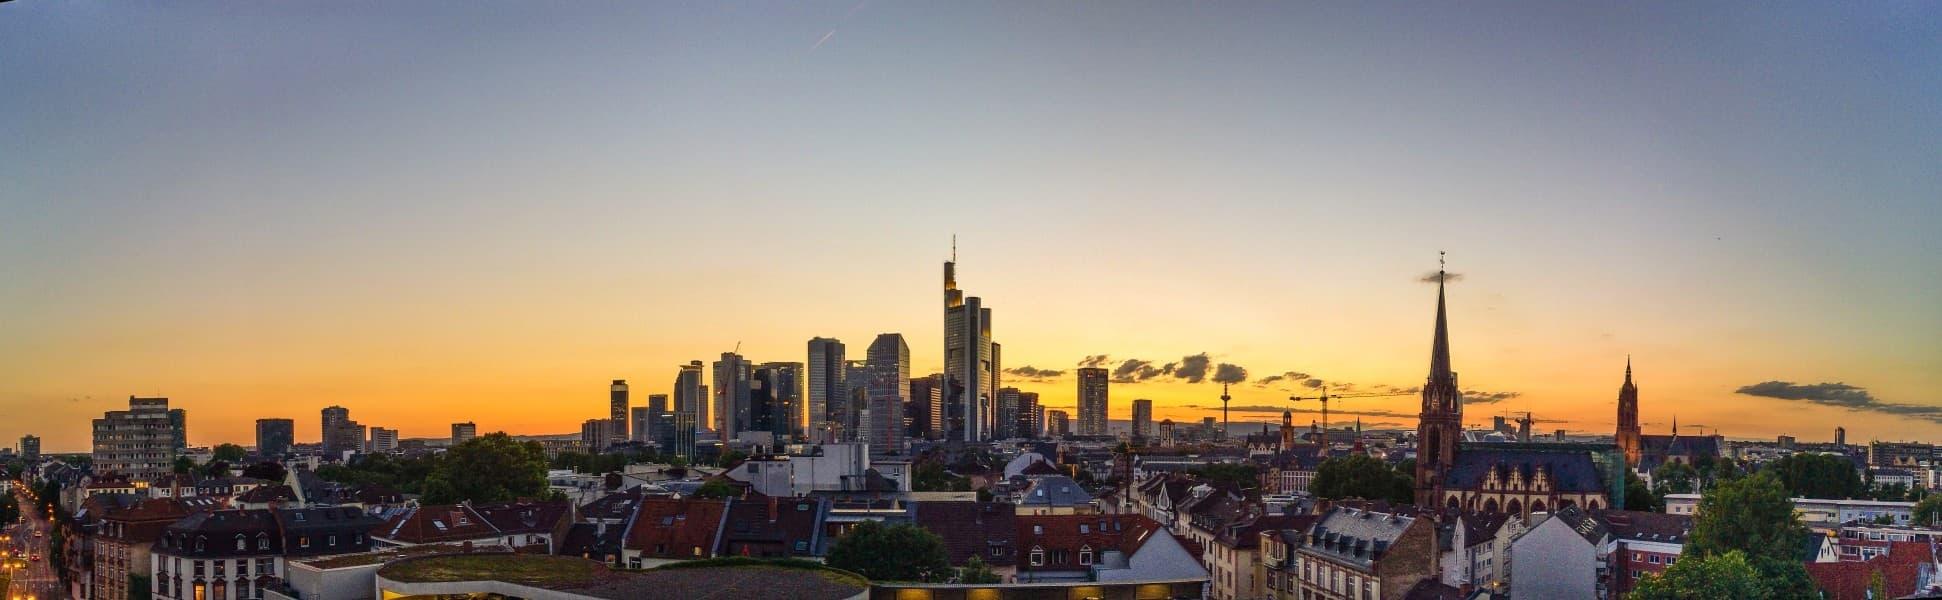 Internetrecht Onlinerecht Anwälte Kanzlei WeSaveYourCopyrights Rechtsanwaltsgesellschaft mbH Frankfurt am Main Skyline